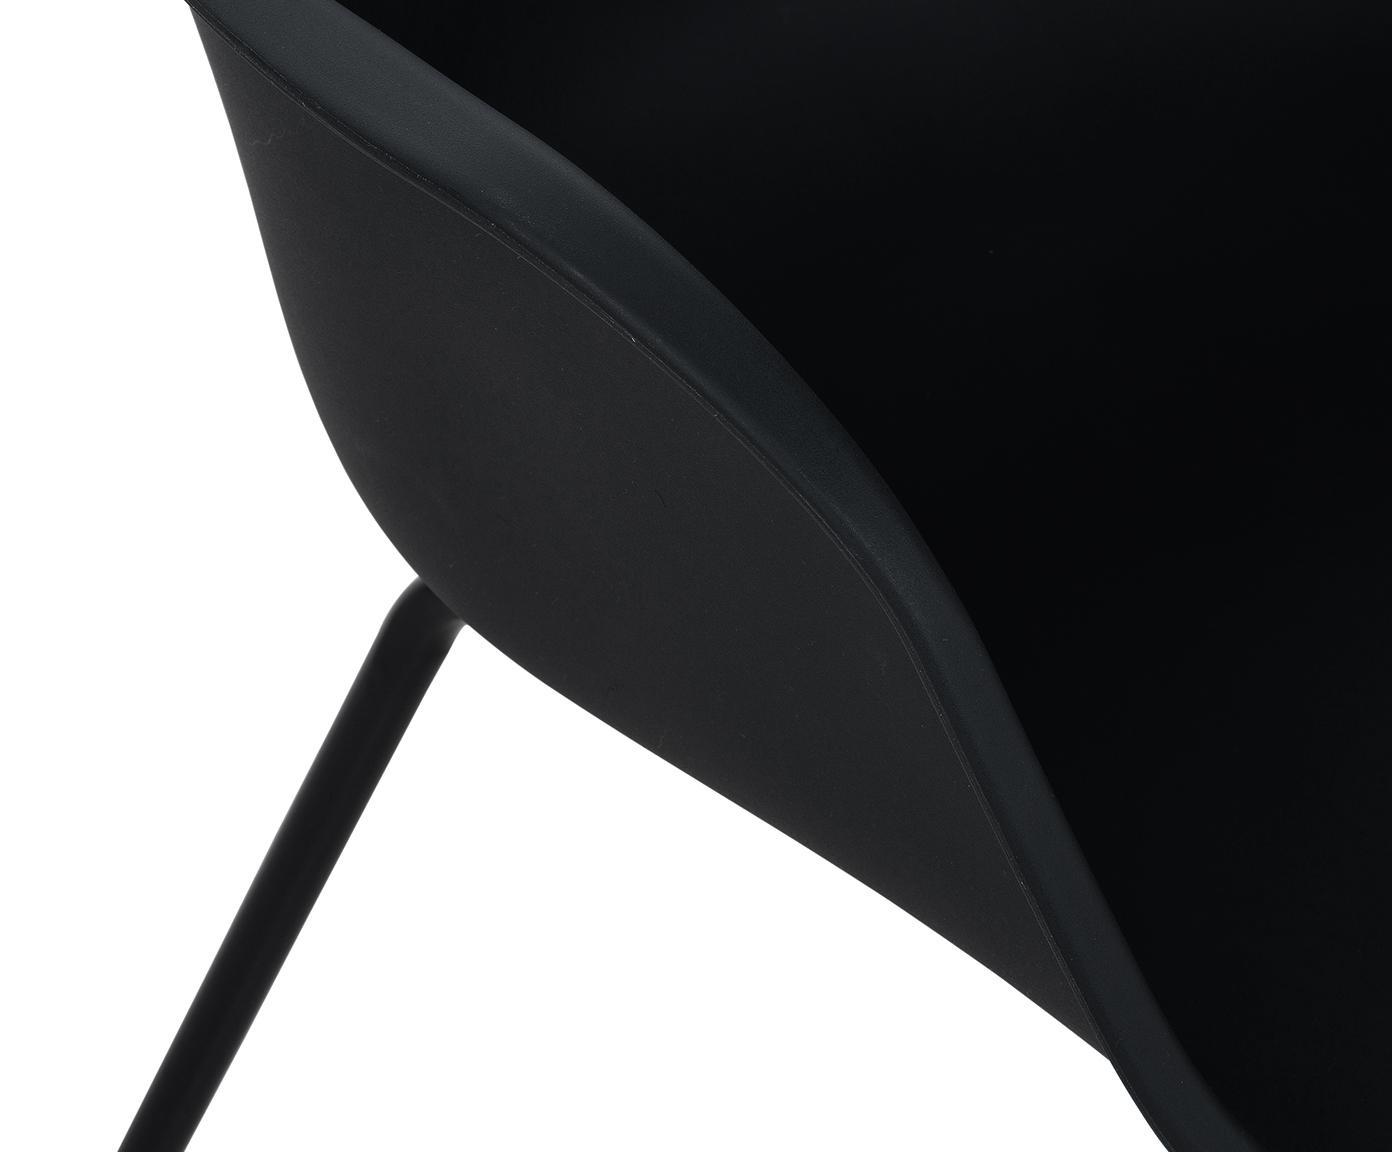 Sedia con braccioli e gambe in metallo Claire, Seduta: materiale sintetico, Gambe: metallo verniciato a polv, Materiale sintetico nero, Larg. 54 x Prof. 60 cm